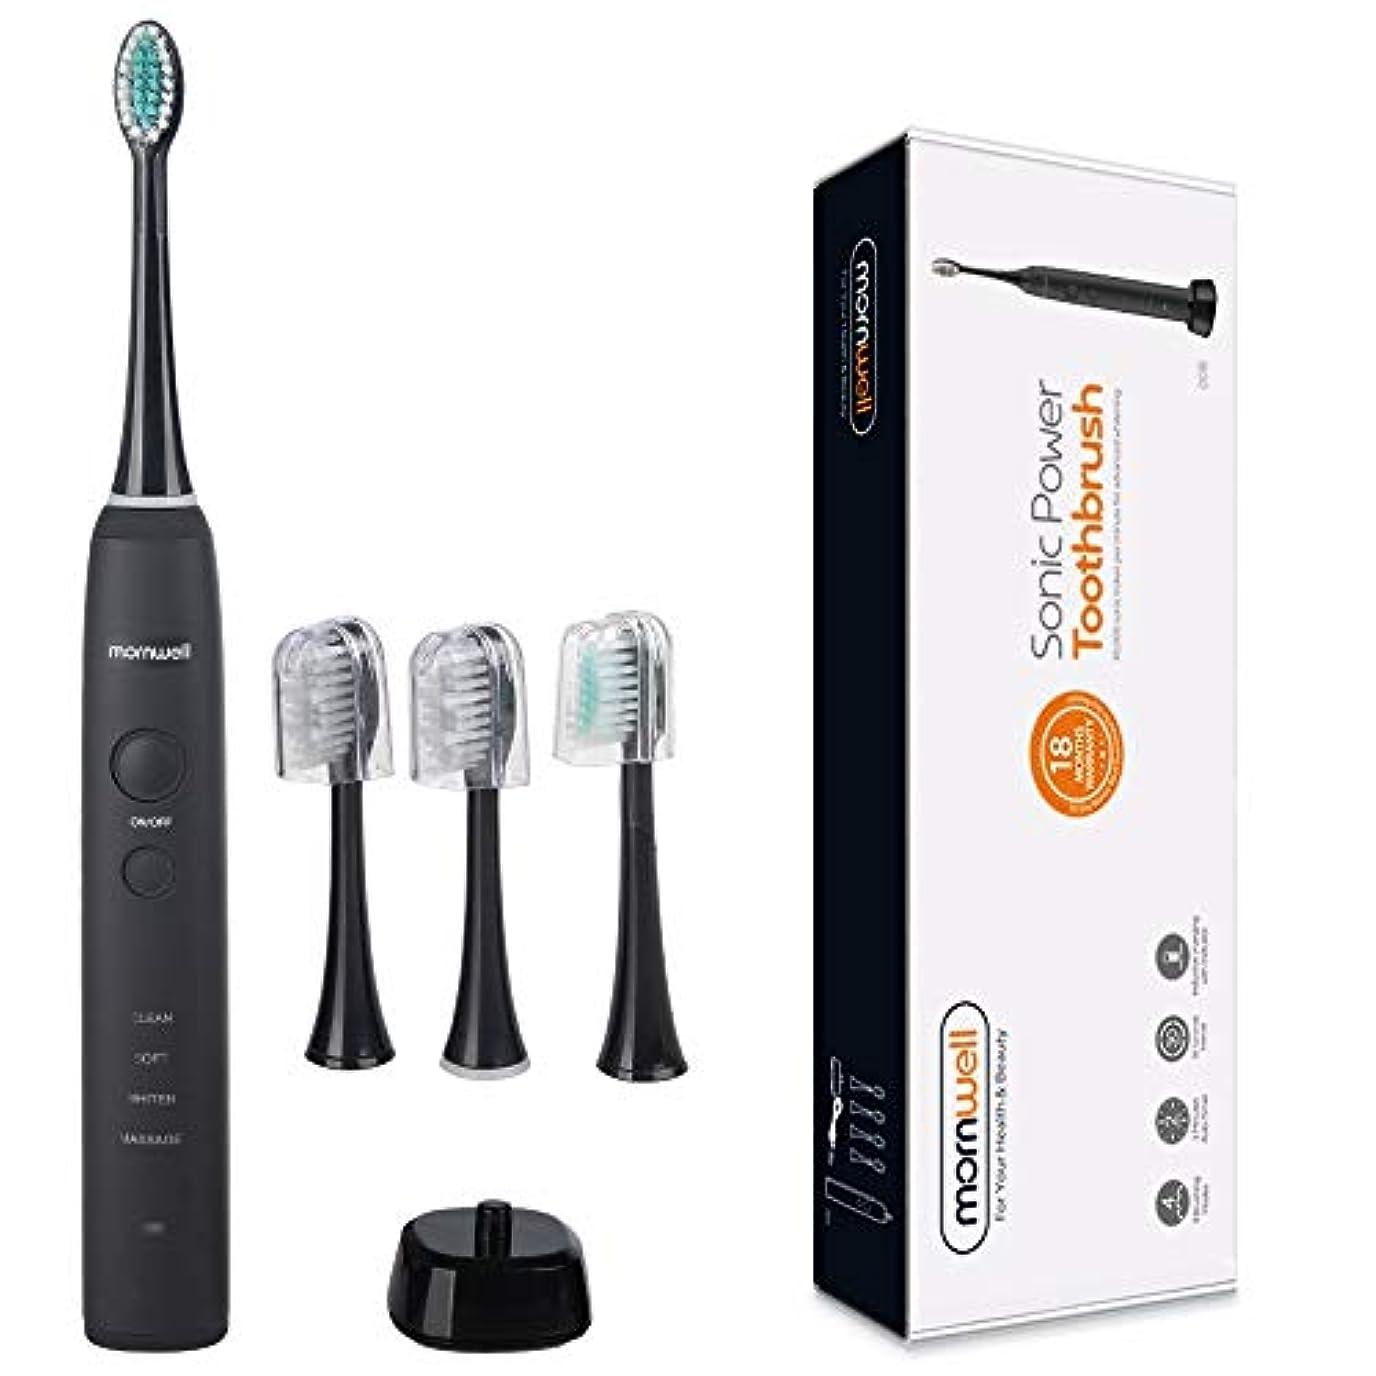 サンプルしつけかりてYPZHEN IPX7は再充電可能な大人の音波パルス電動歯ブラシ、米国のプラグを防水します (色 : Black)